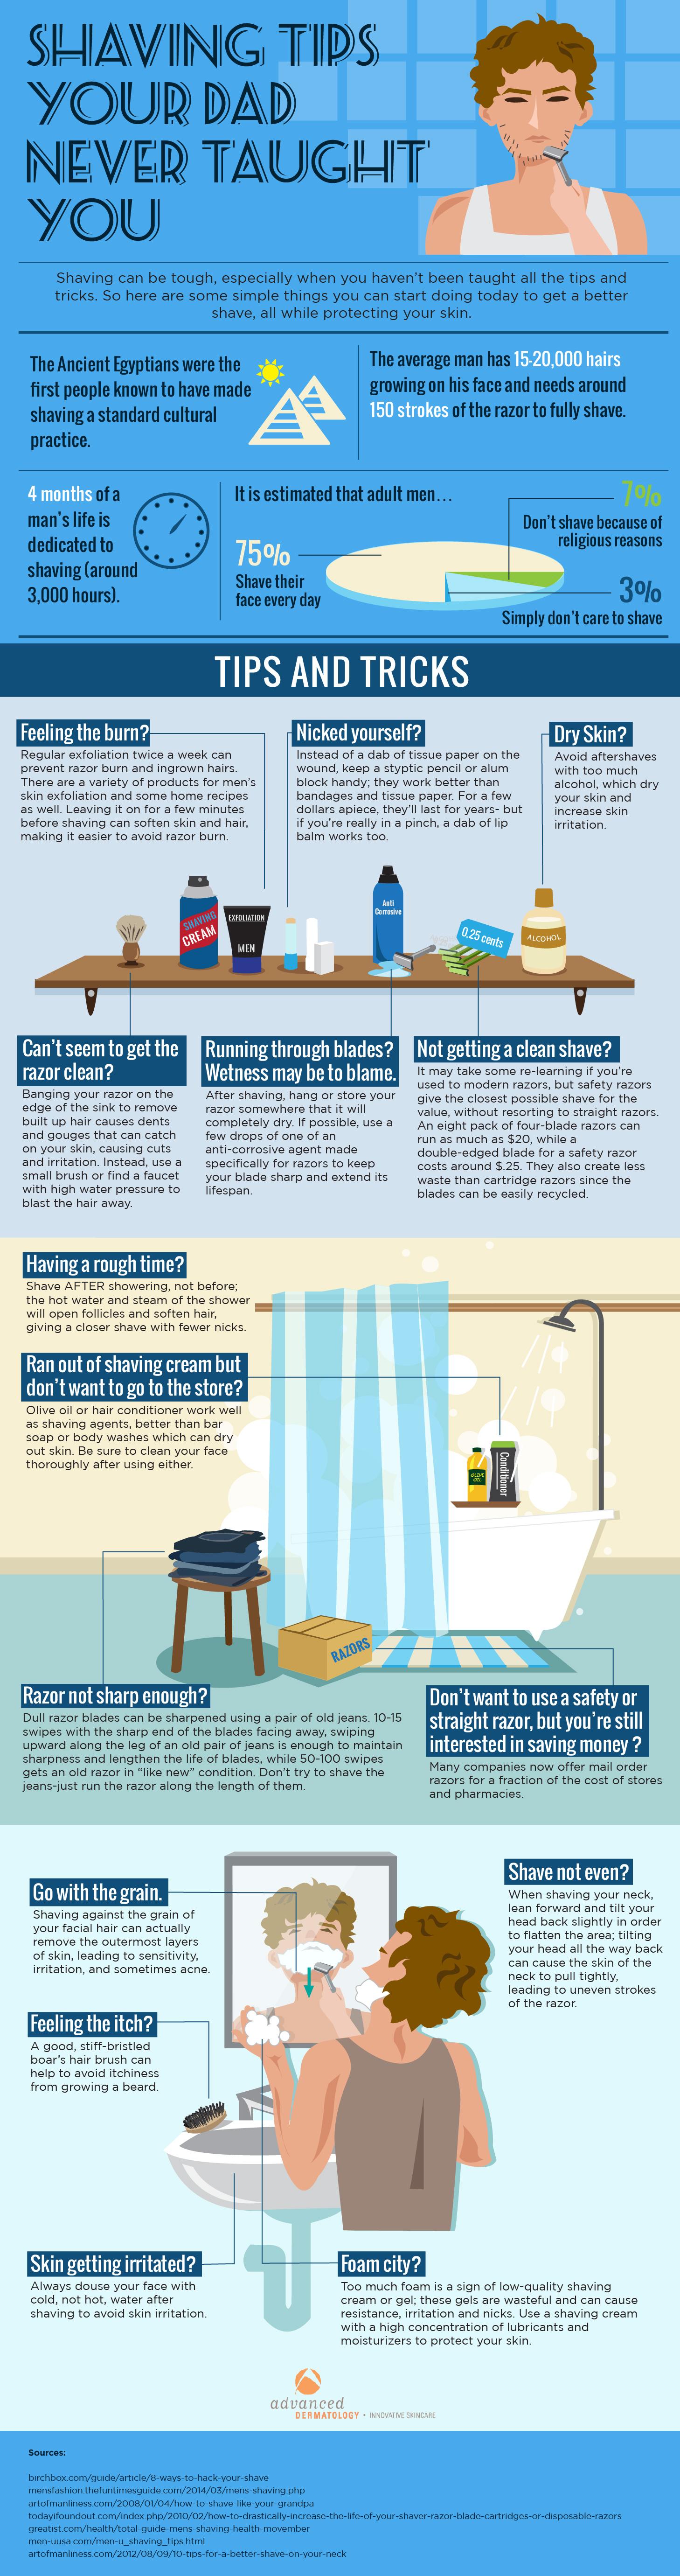 Shaving Tips Infographic